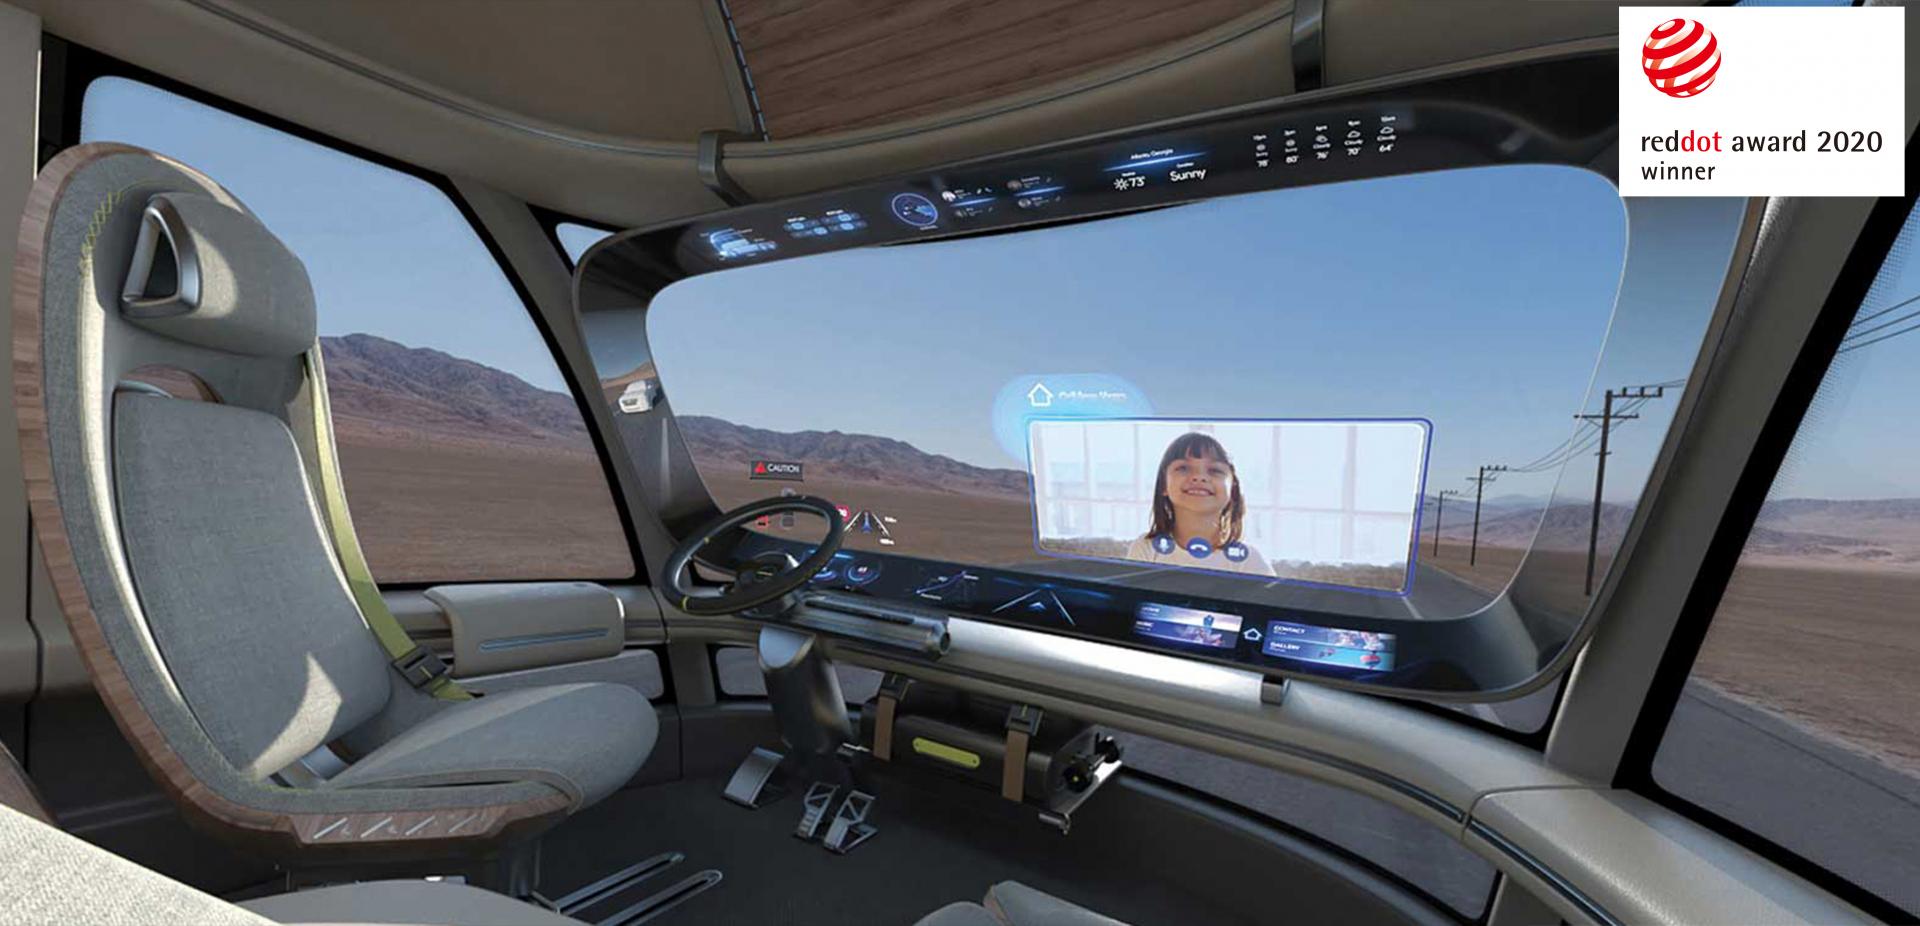 Компанія Hyundai Motor отримала три нагороди Red Dot Award 2020 за концептуальний дизайн | Авто Лідер Захід - фото 12